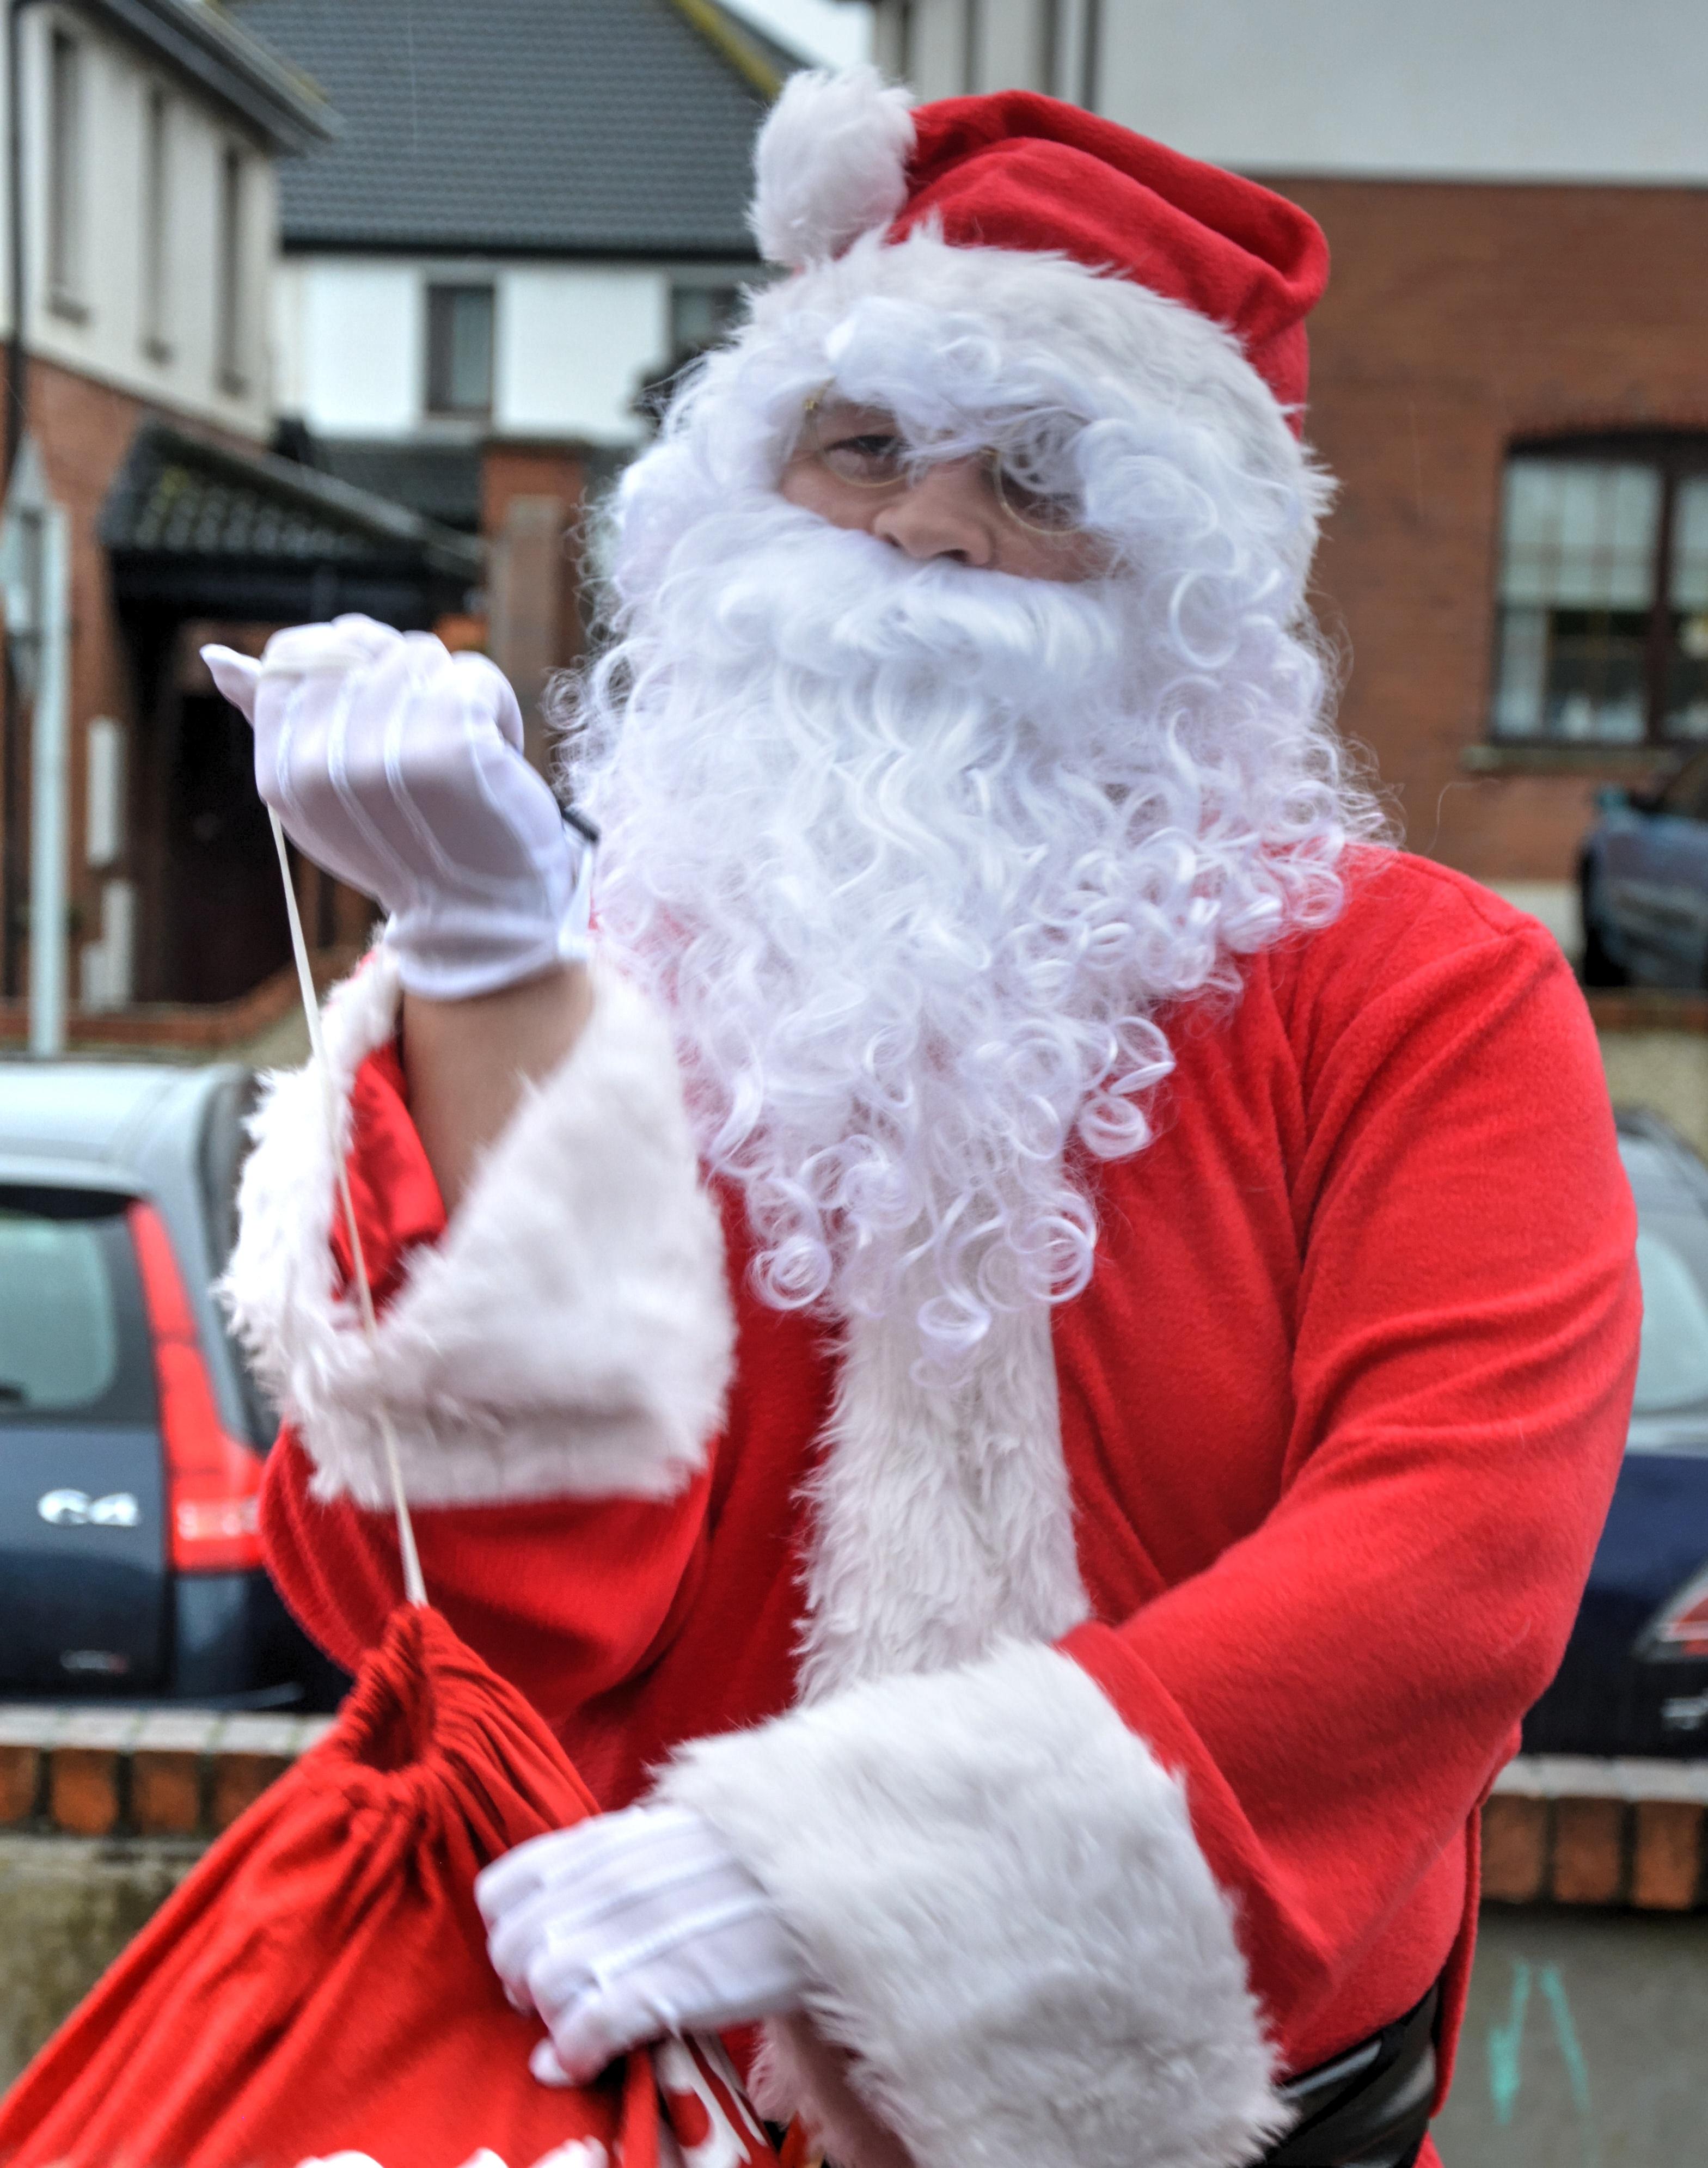 christmas red jacket santa claus presents santa clause white beard fictional character - Santa Claus Presents